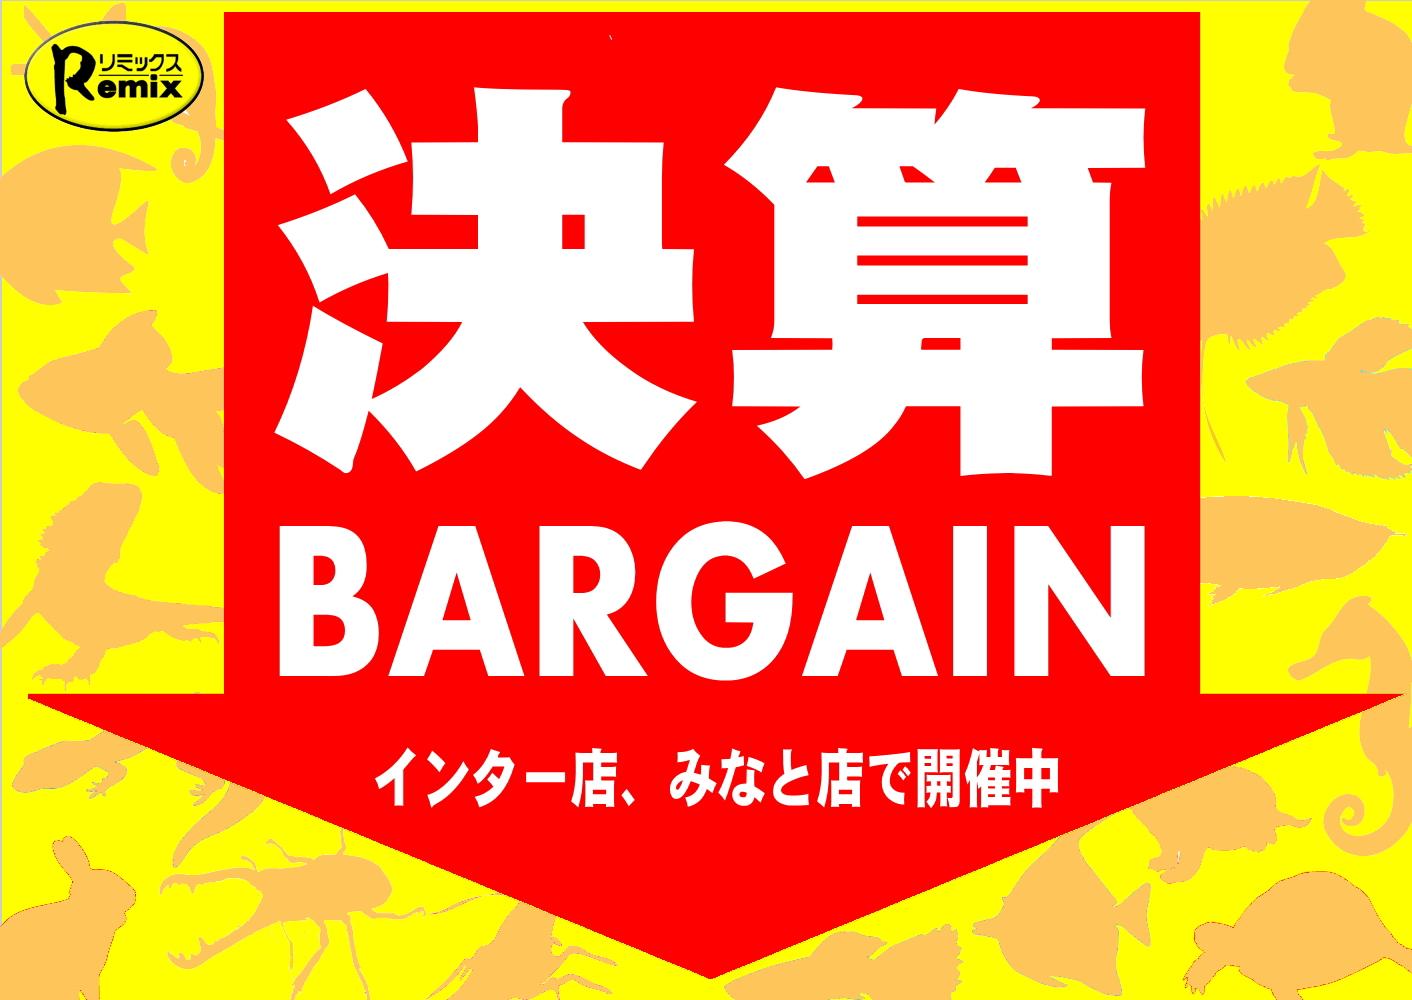 【インター小動物】衝撃の決算BARGAIN開幕ッ!!リストアップです!!